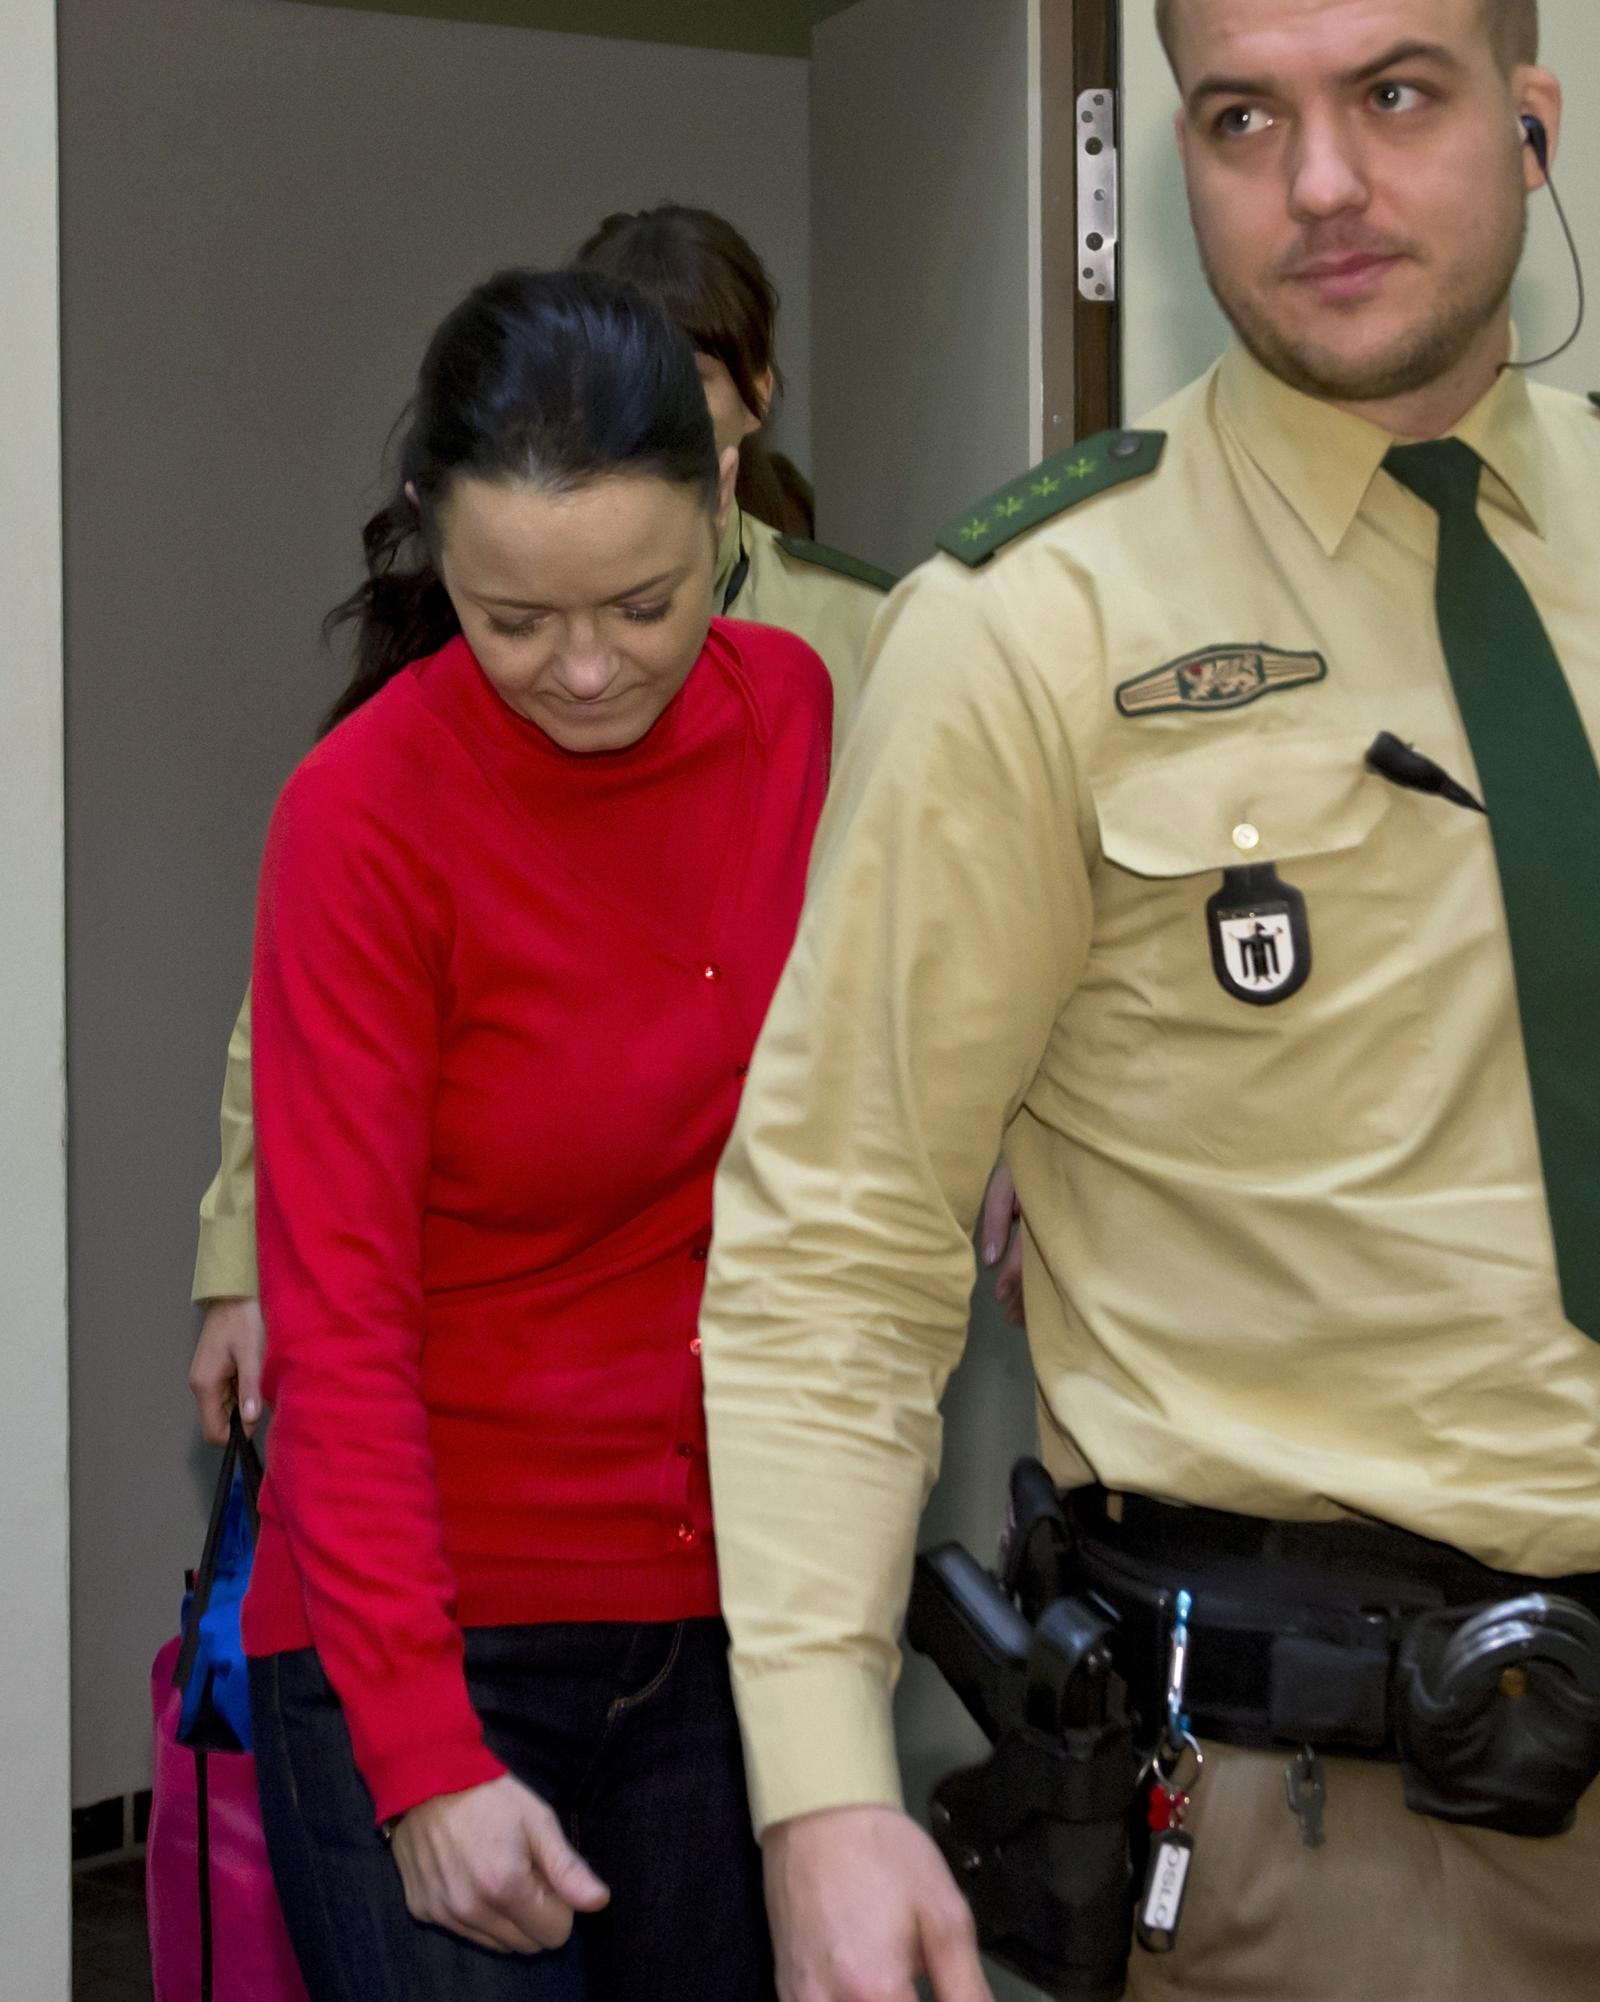 Beate Zschäpe stands trial in Munich (Getty)